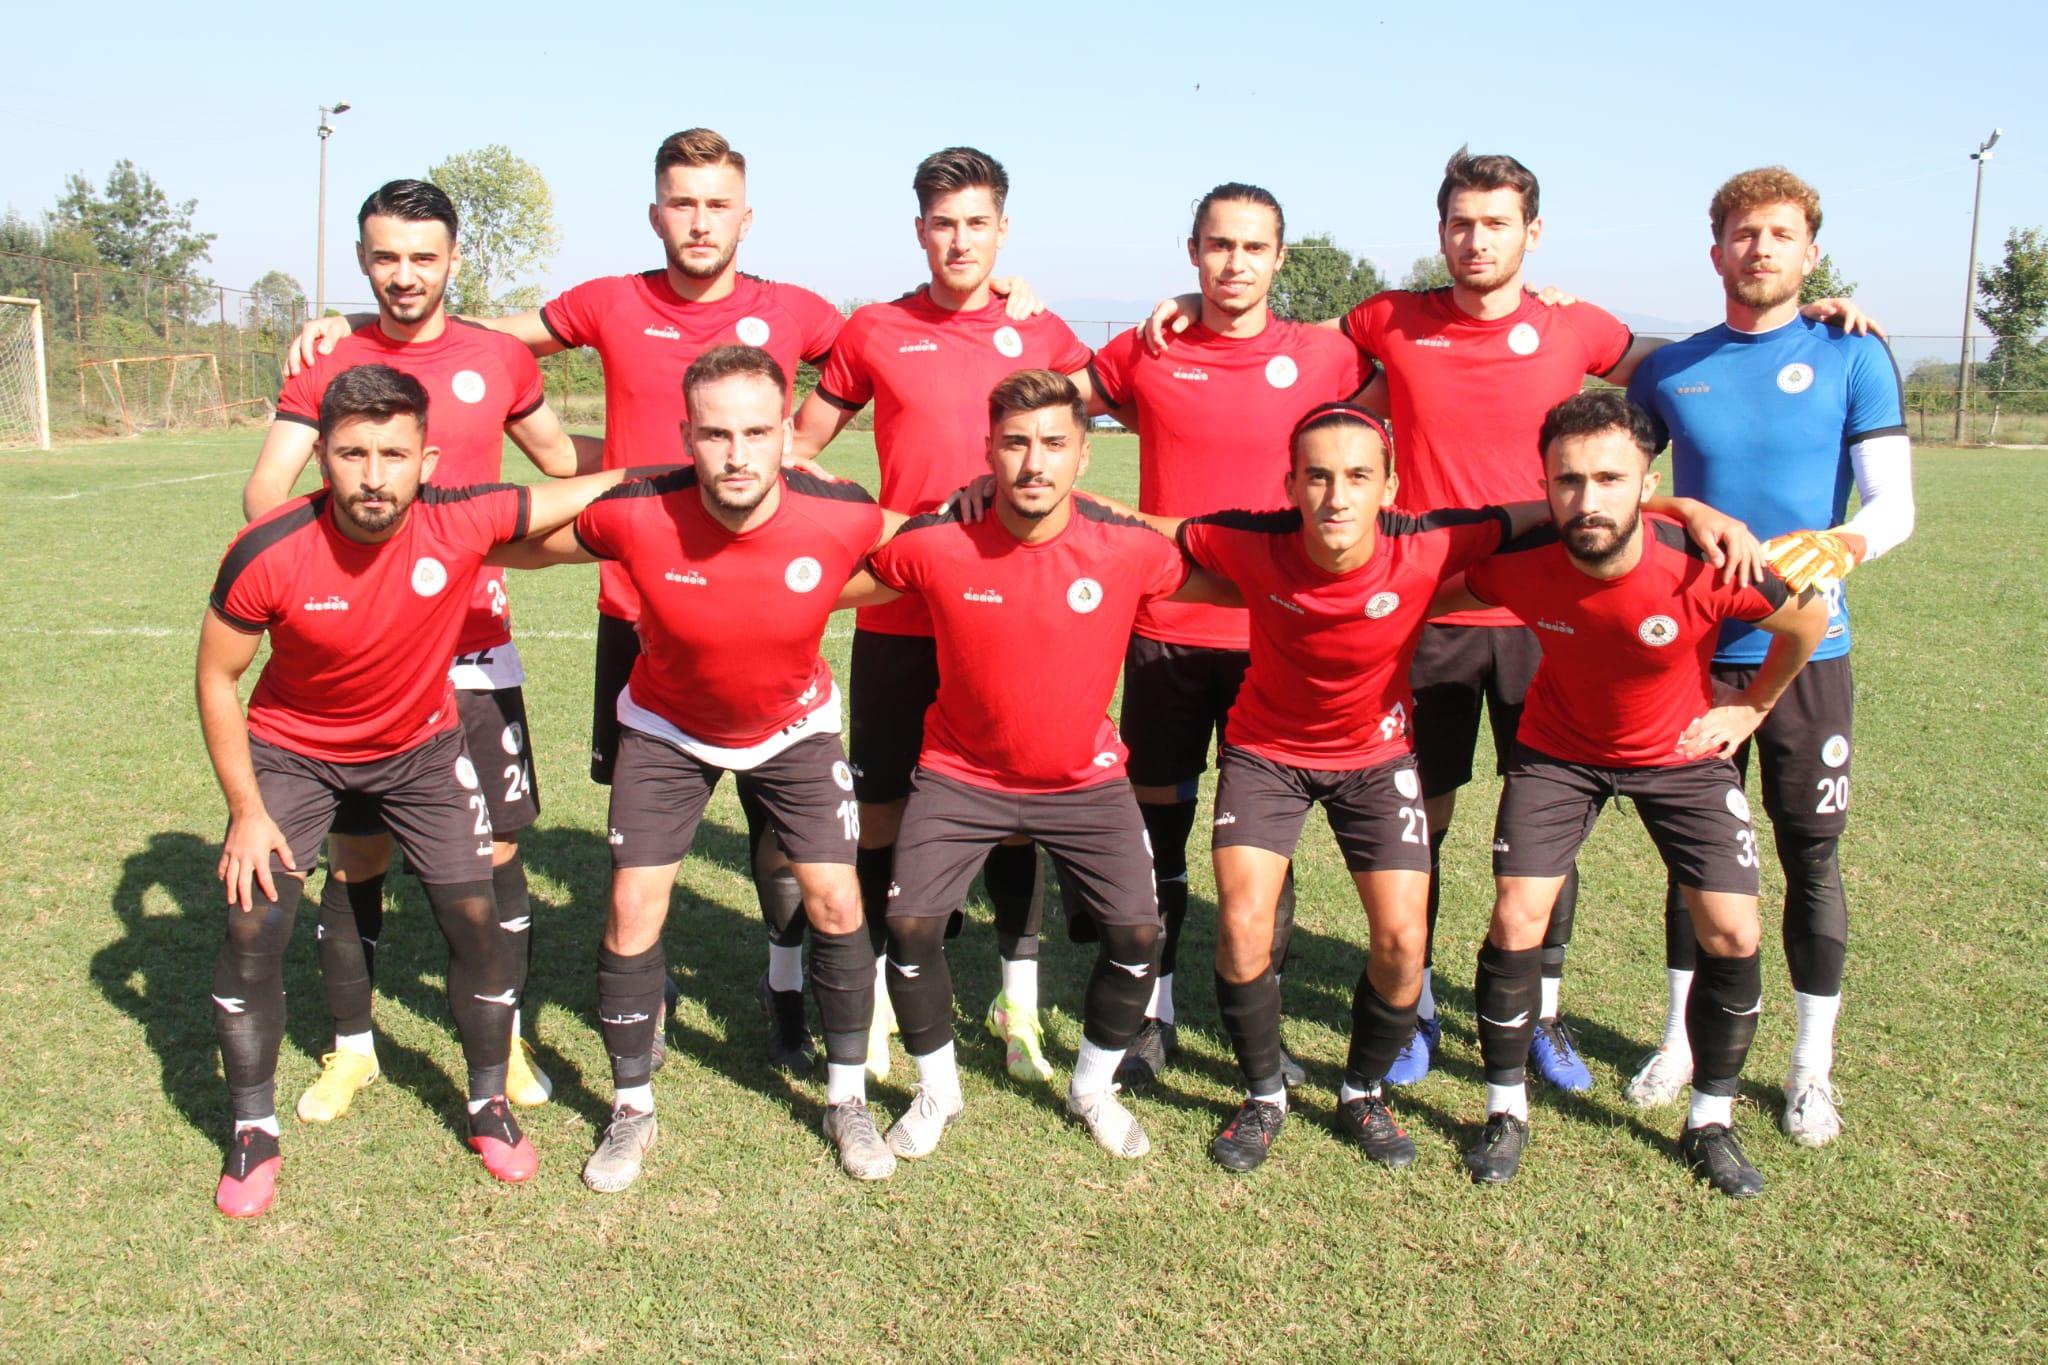 Hendekspor'da Hazırlık Maçında Gençler yer aldı